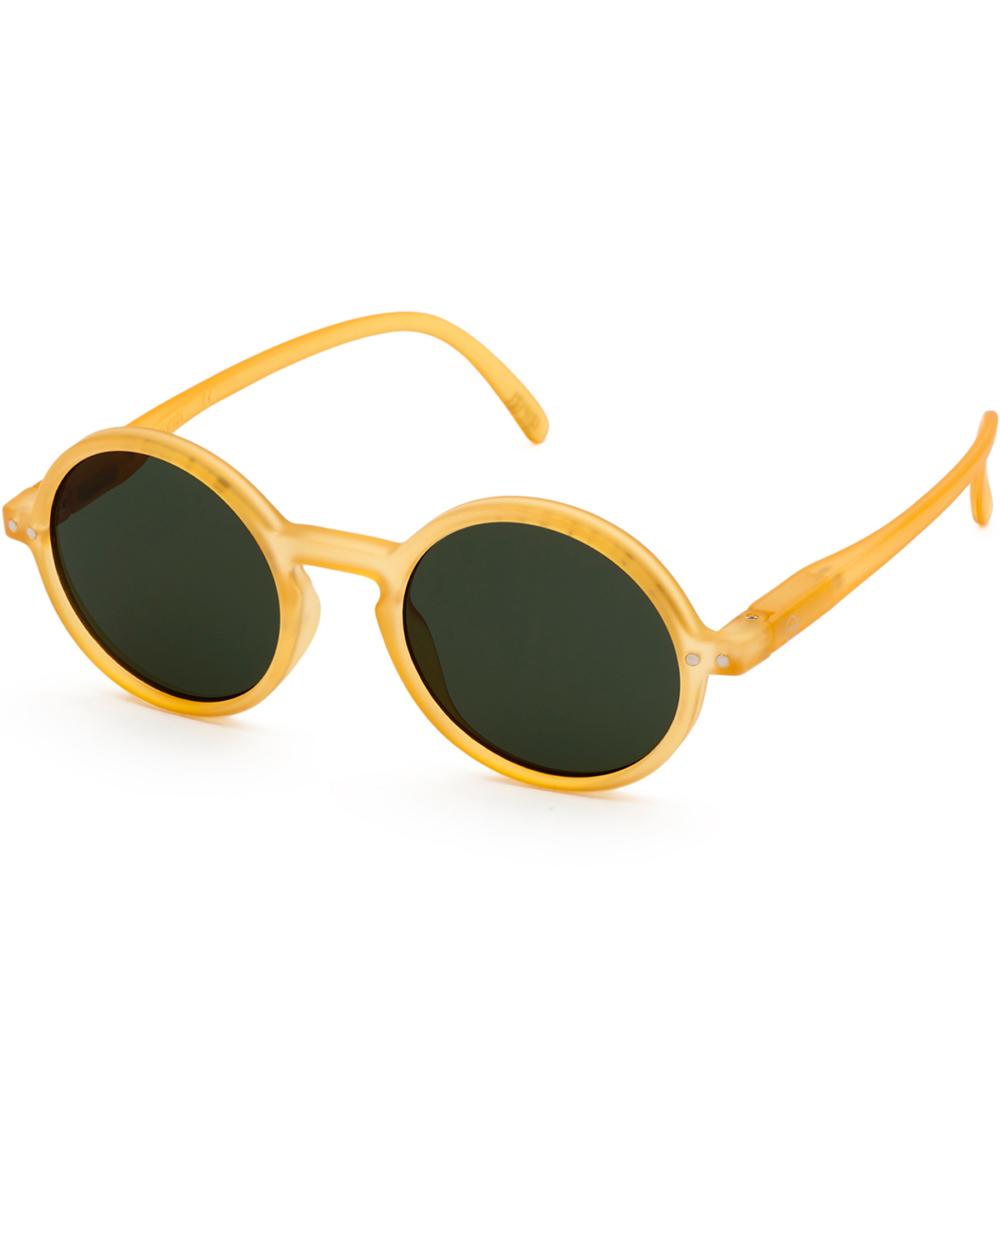 sun junior honey yellow frame g by izipizi